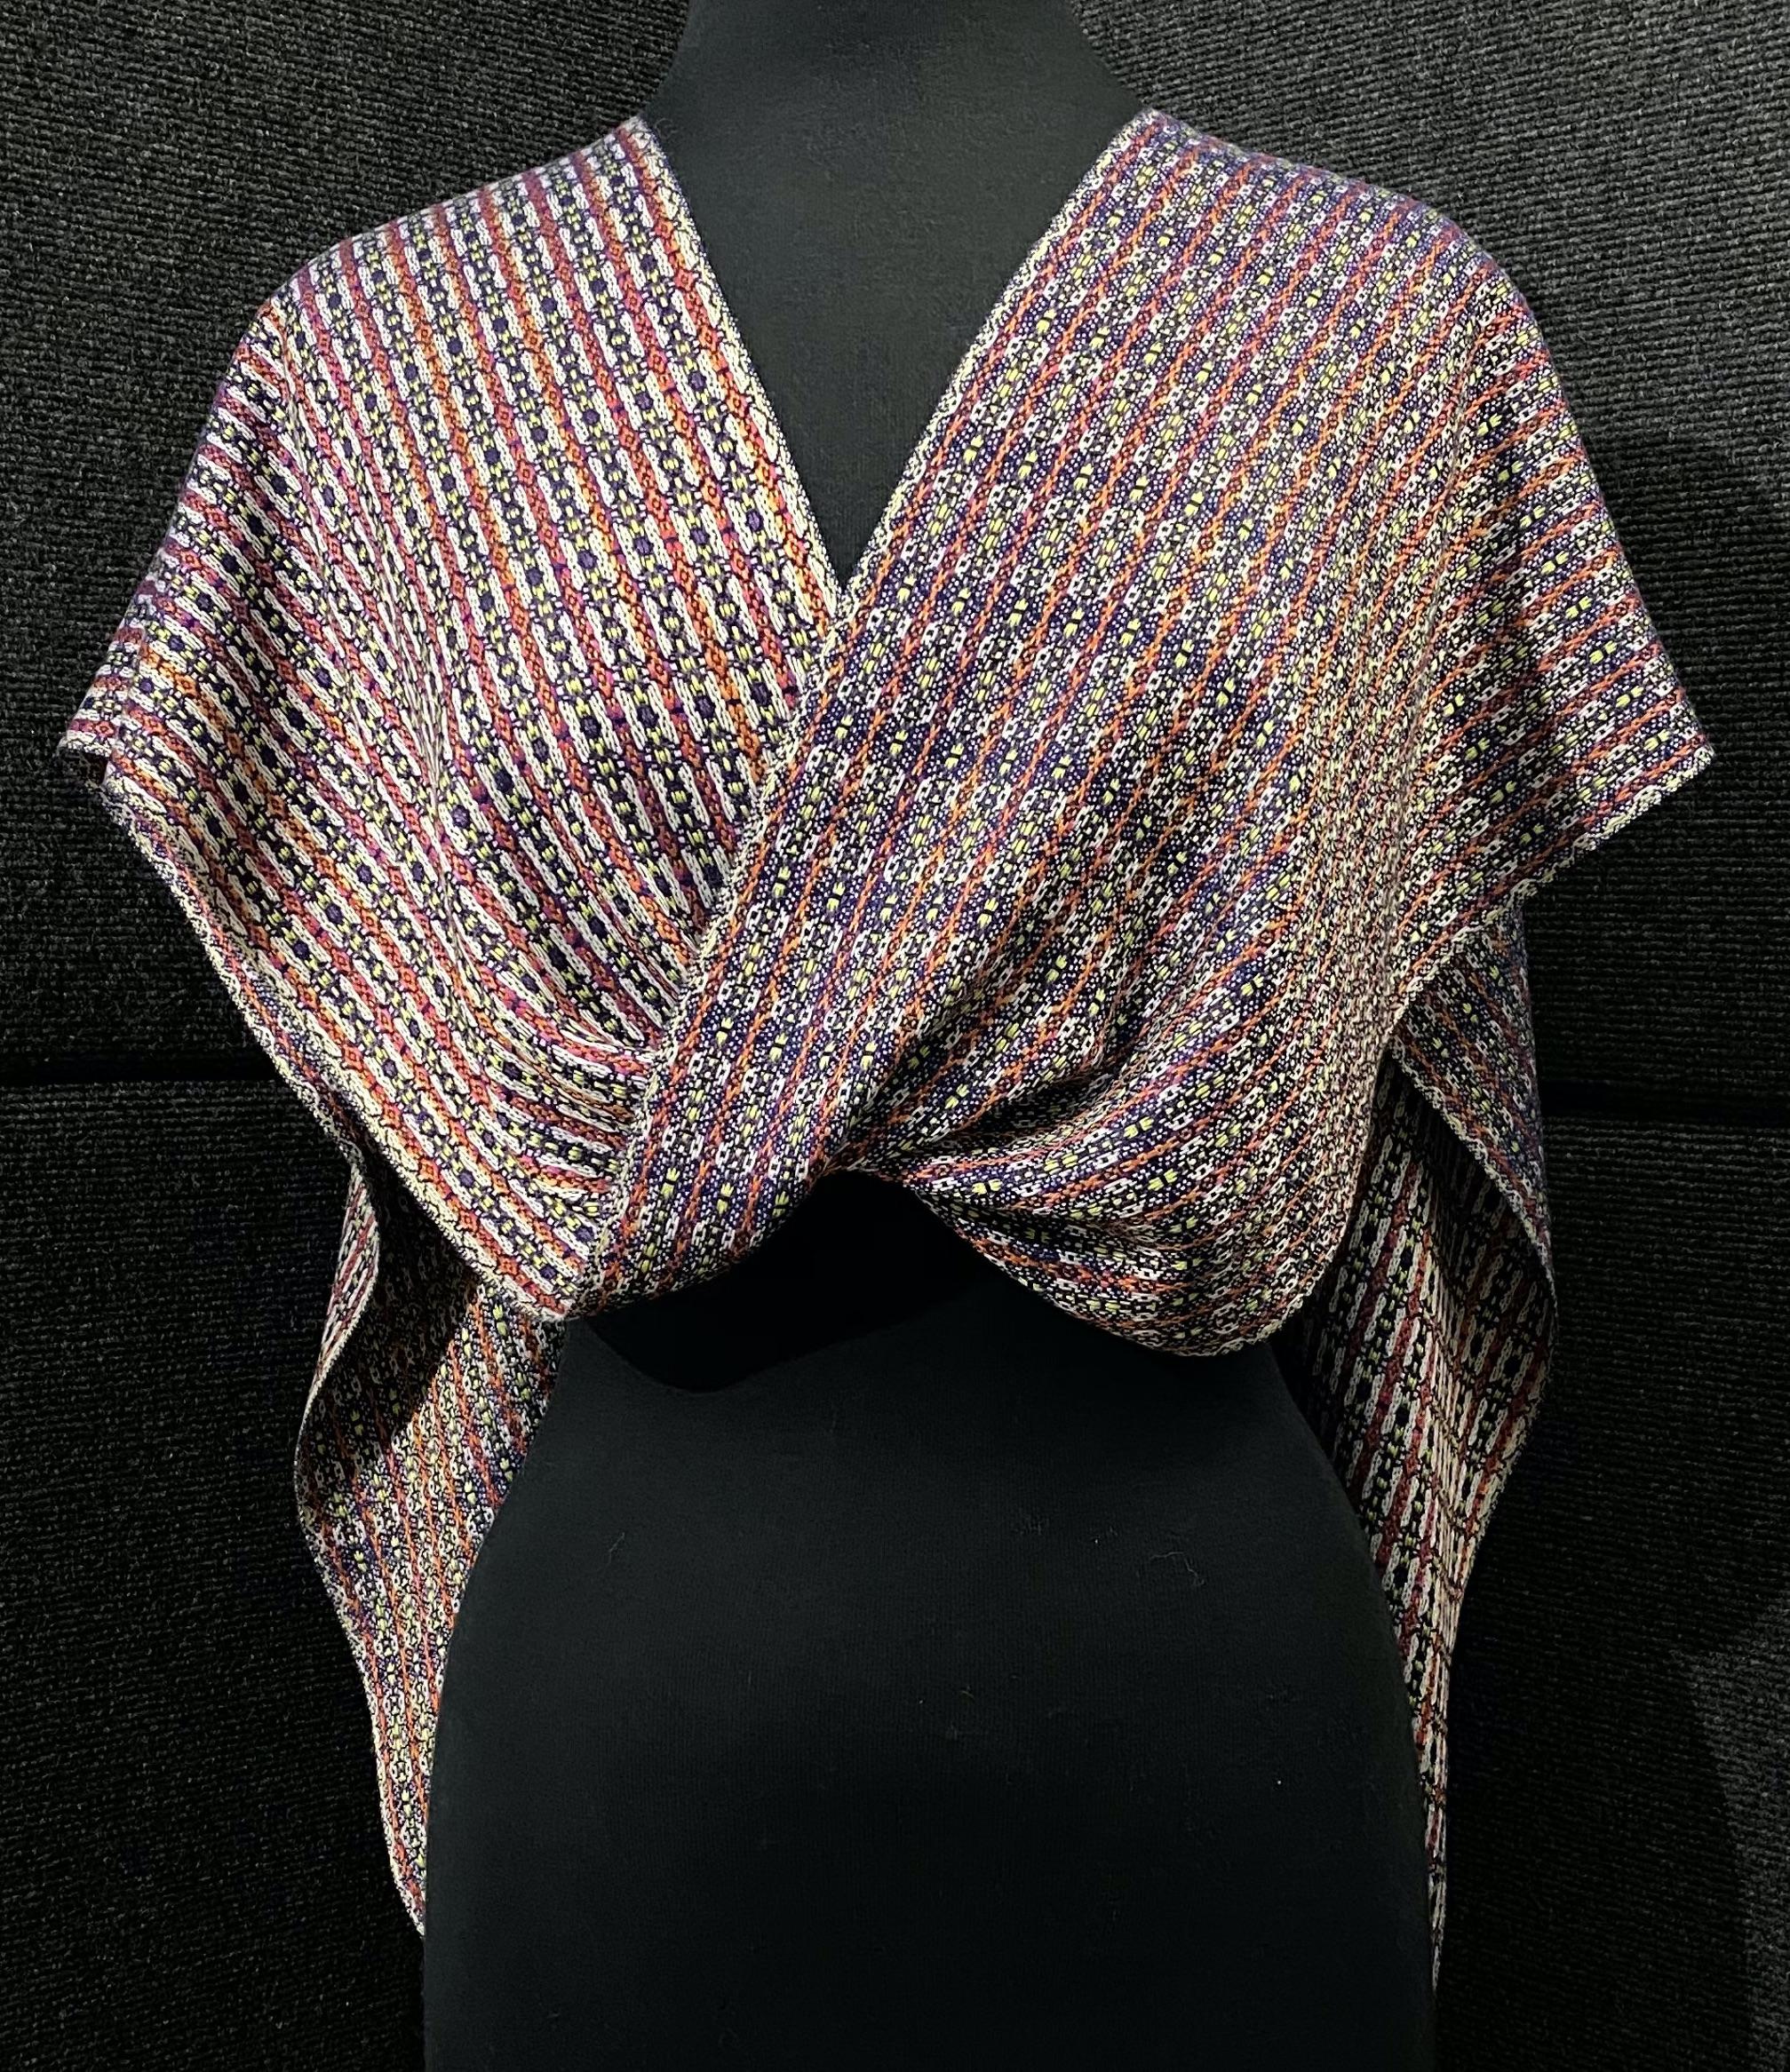 SBS-34 Deep Space silk scarf